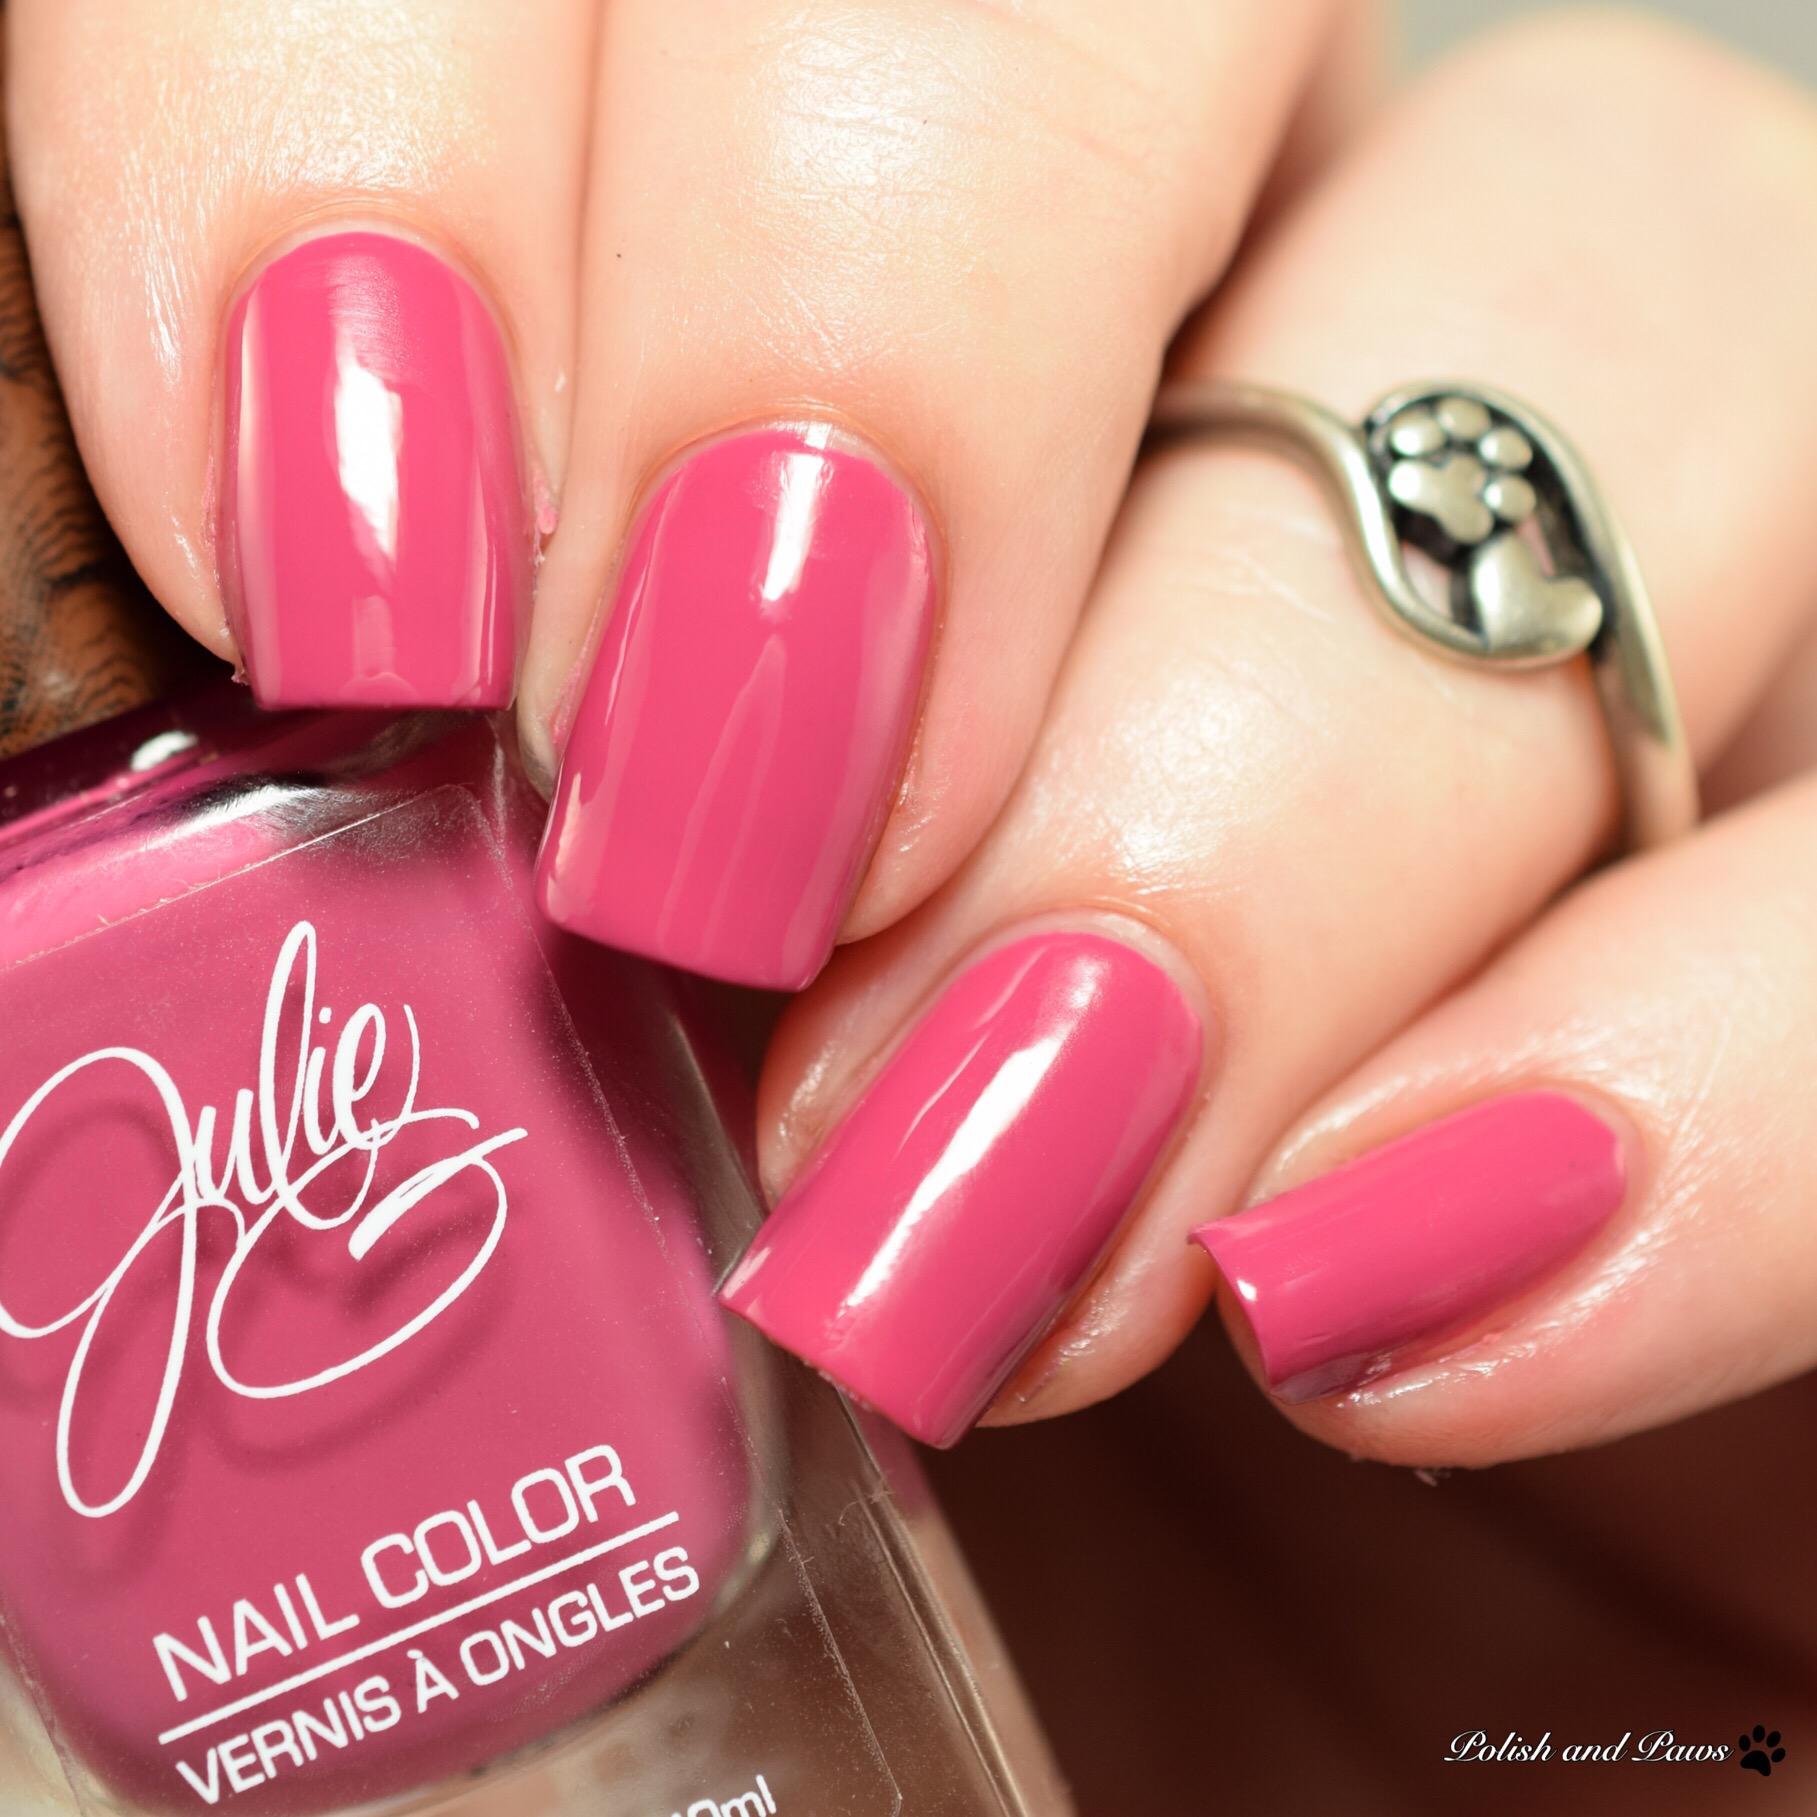 JulieG Faith